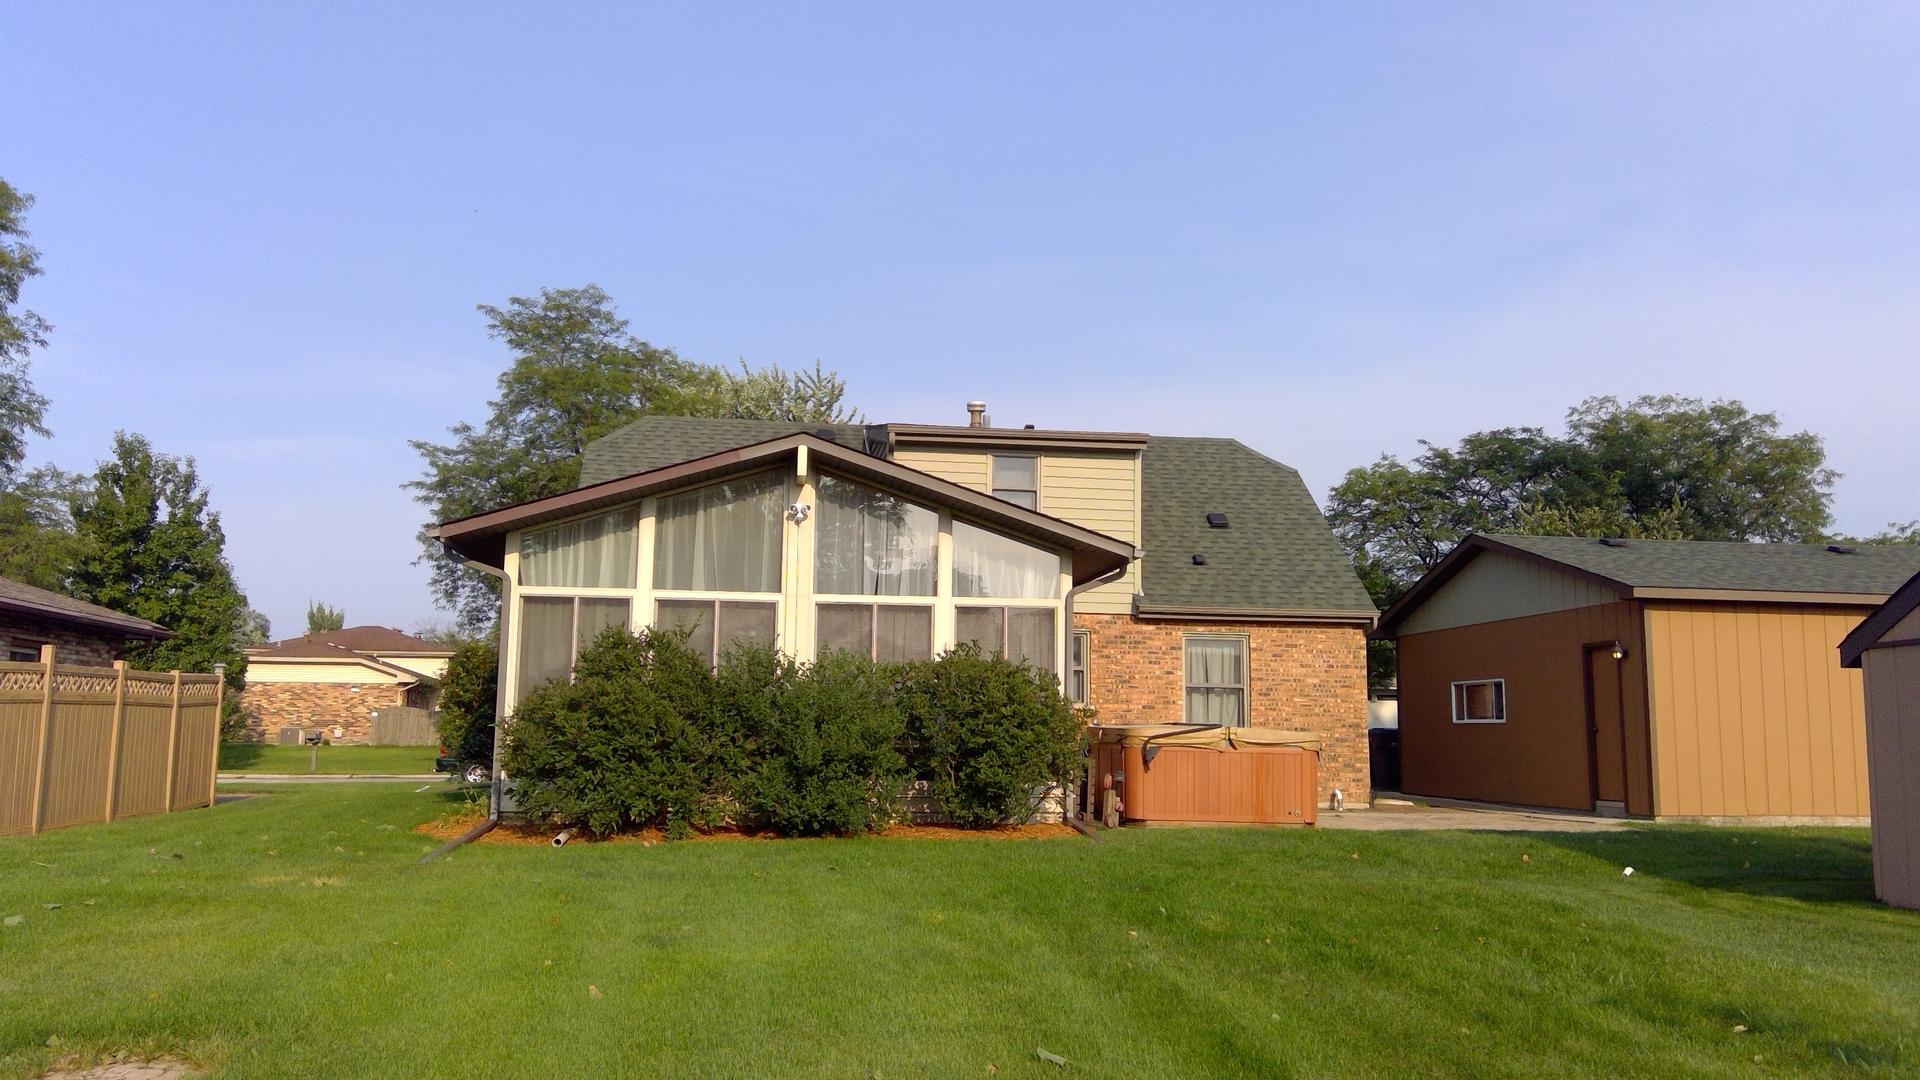 16656 Beacon, Orland Hills, Illinois, 60487